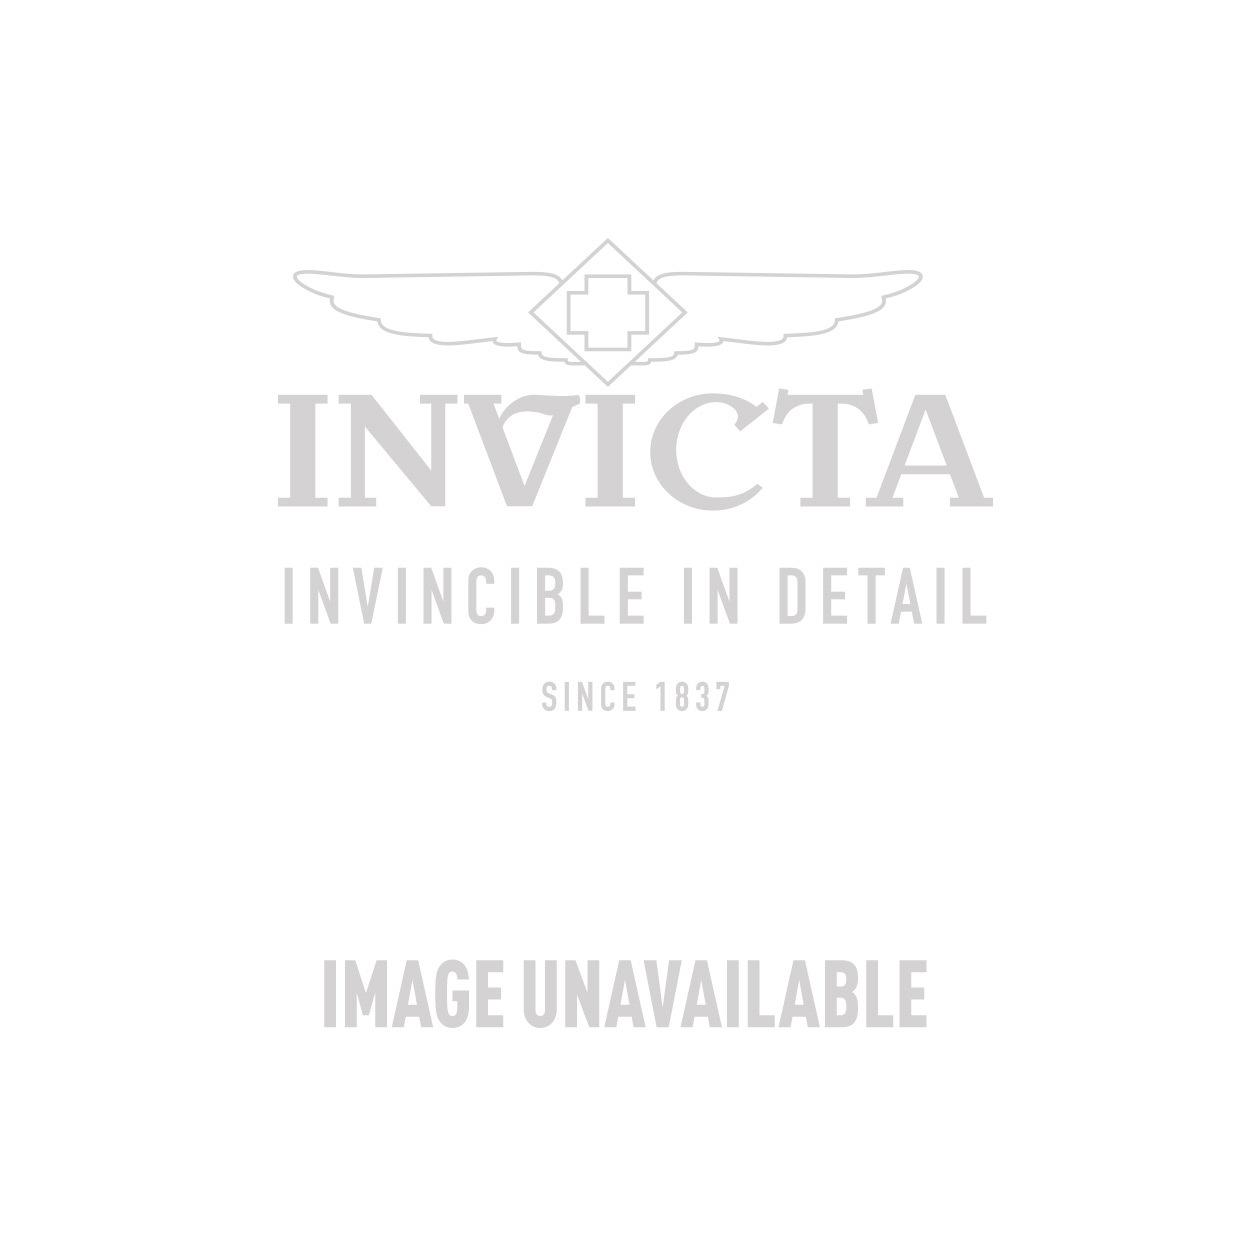 Invicta Model 25539